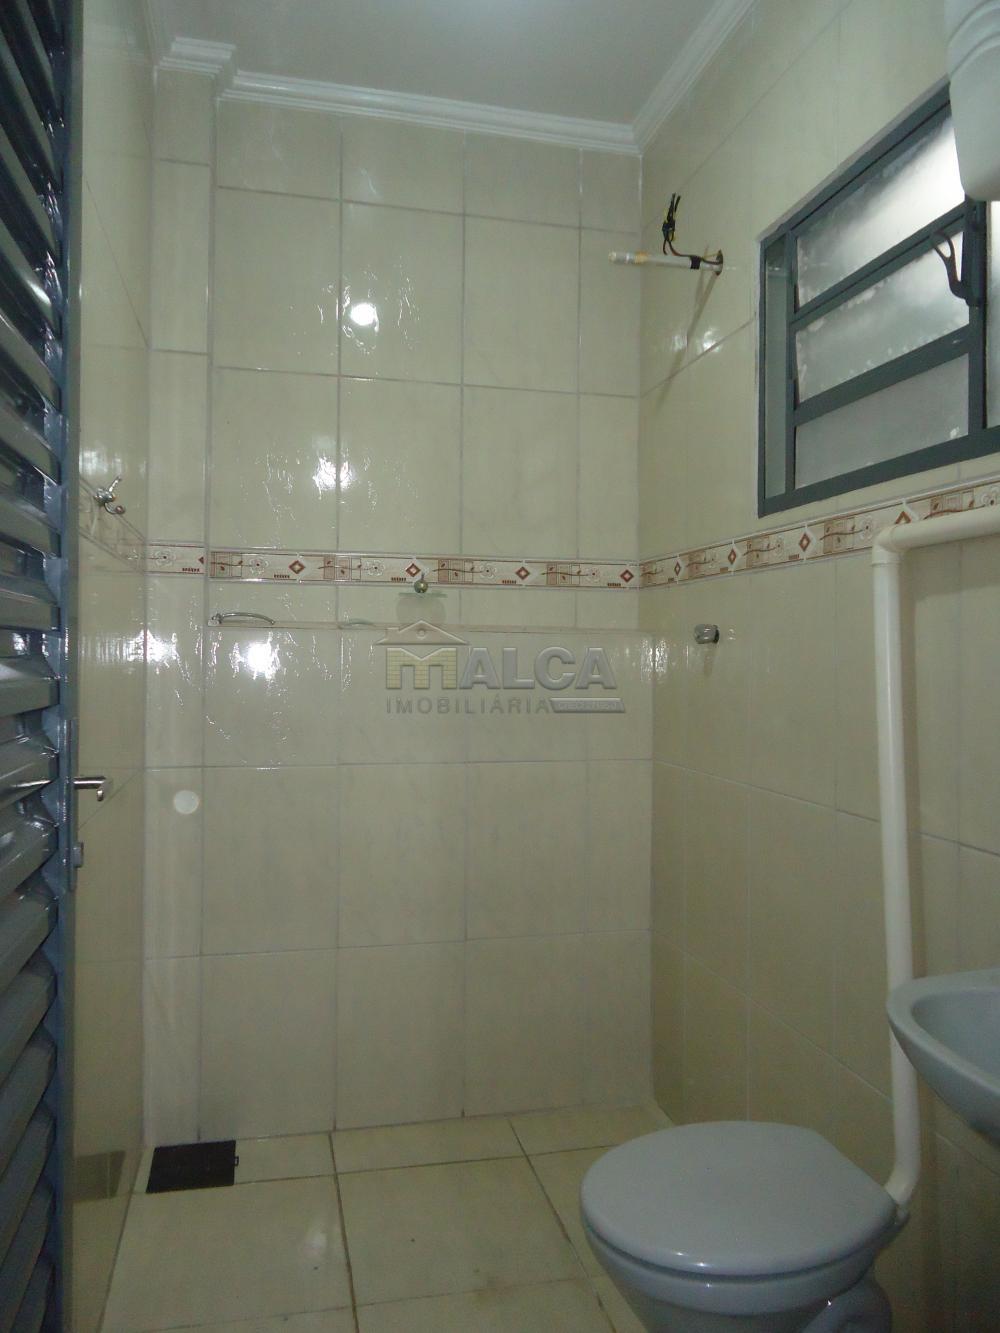 Alugar Casas / Padrão em São José do Rio Pardo apenas R$ 2.450,00 - Foto 65